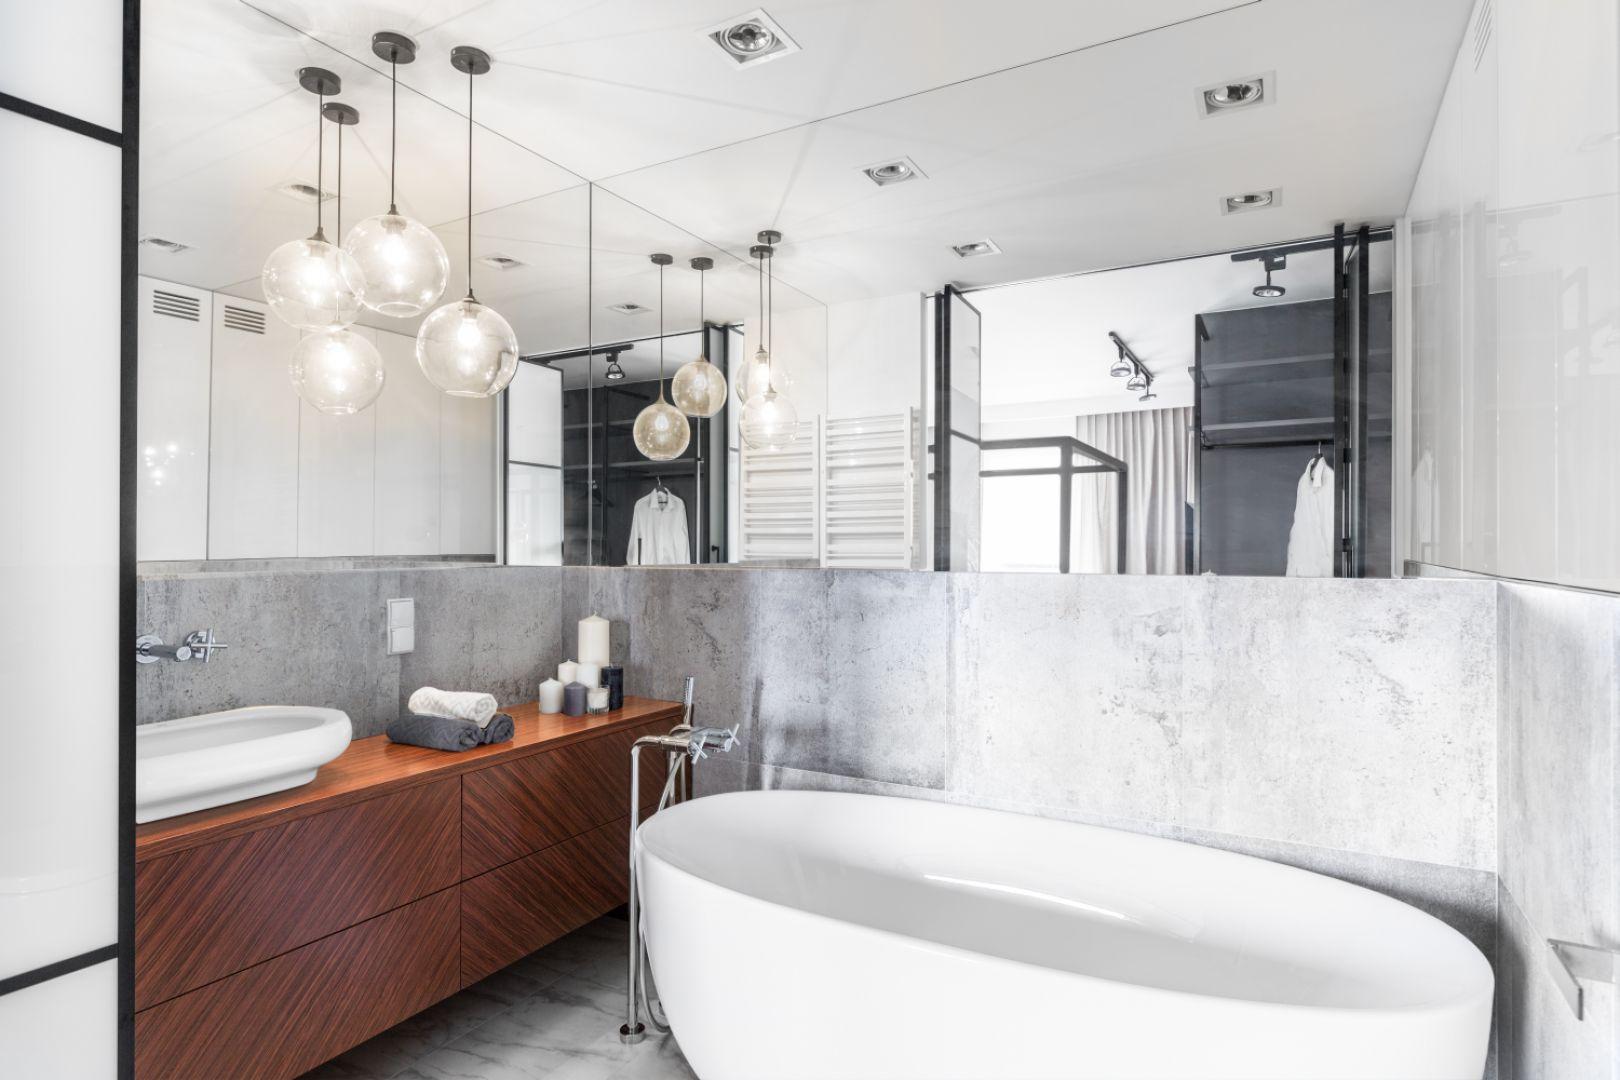 Sąsiadujący z sypialnią salon kąpielowy został urządzony w stylistyce łączącej ponadczasową elegancję z elementami stylu loft. Proj. Decoroom. Fot. Pion Poziom